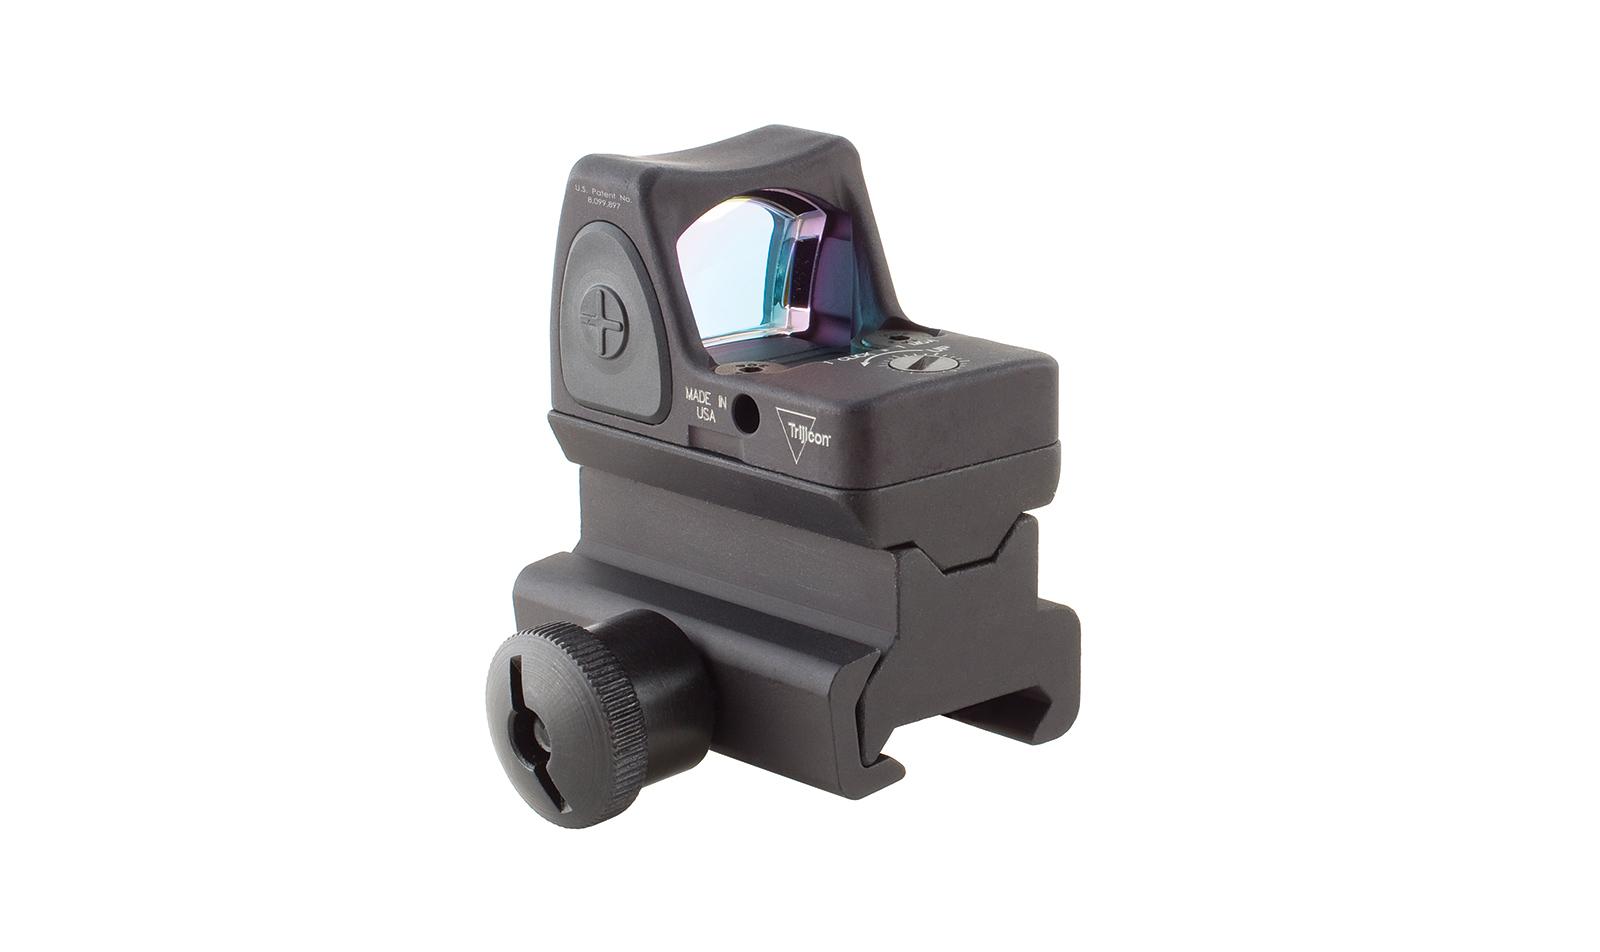 RM09-C-700750 angle 2